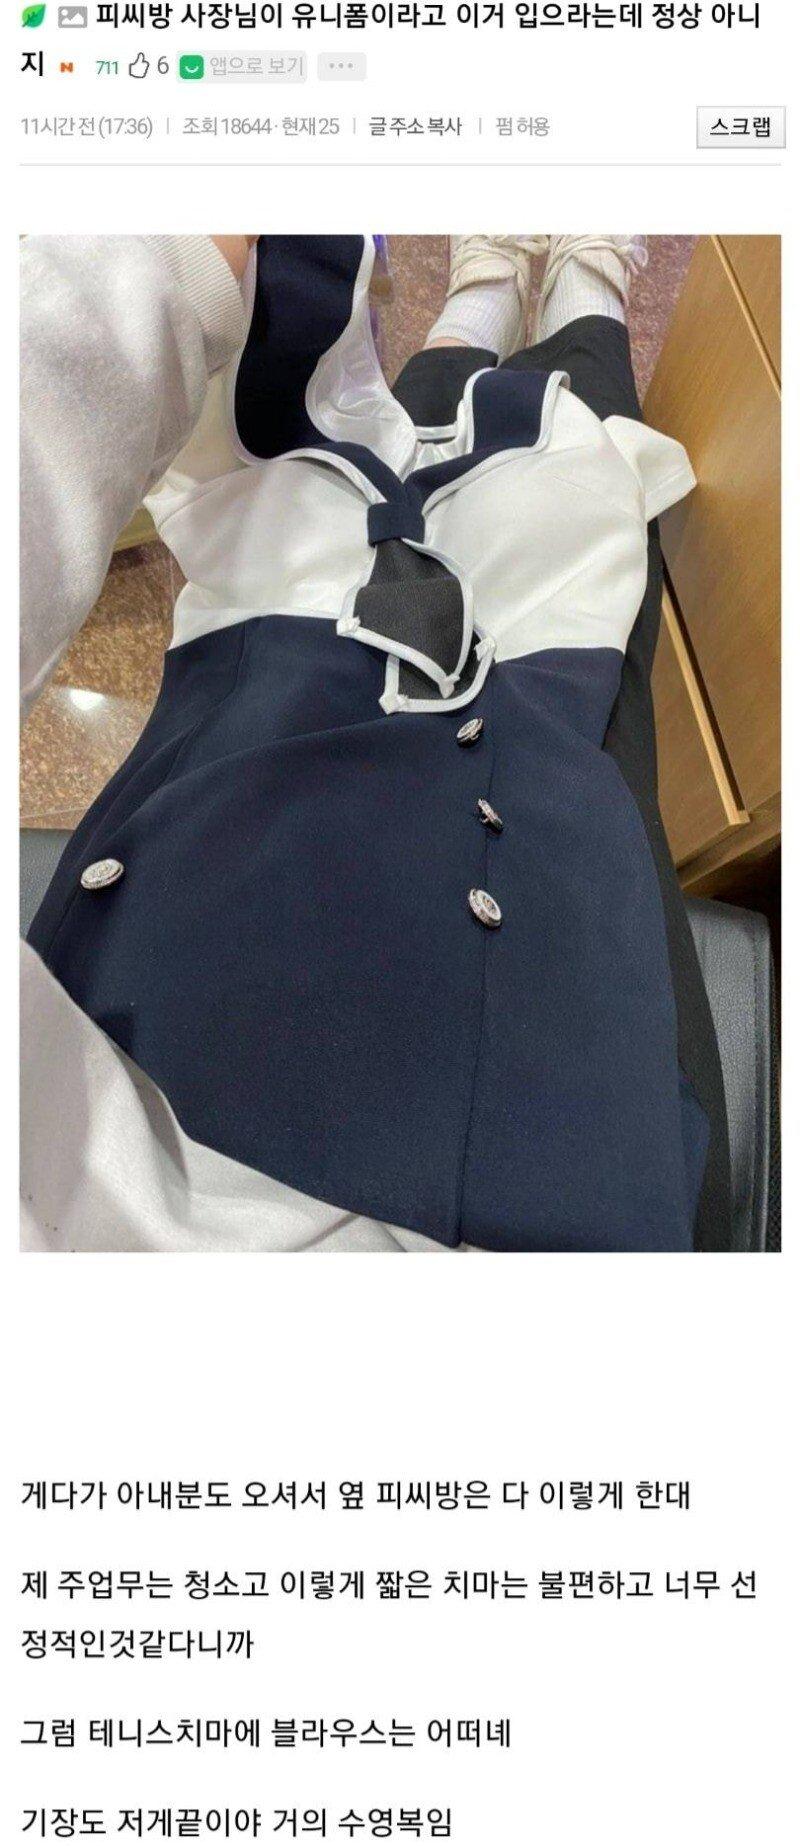 a_w42cfe9002_f265908920cf18b4b91e0f218312b79fb23fd99f.jpg 피씨방 사장이 알바생에게 권유한 유니폼